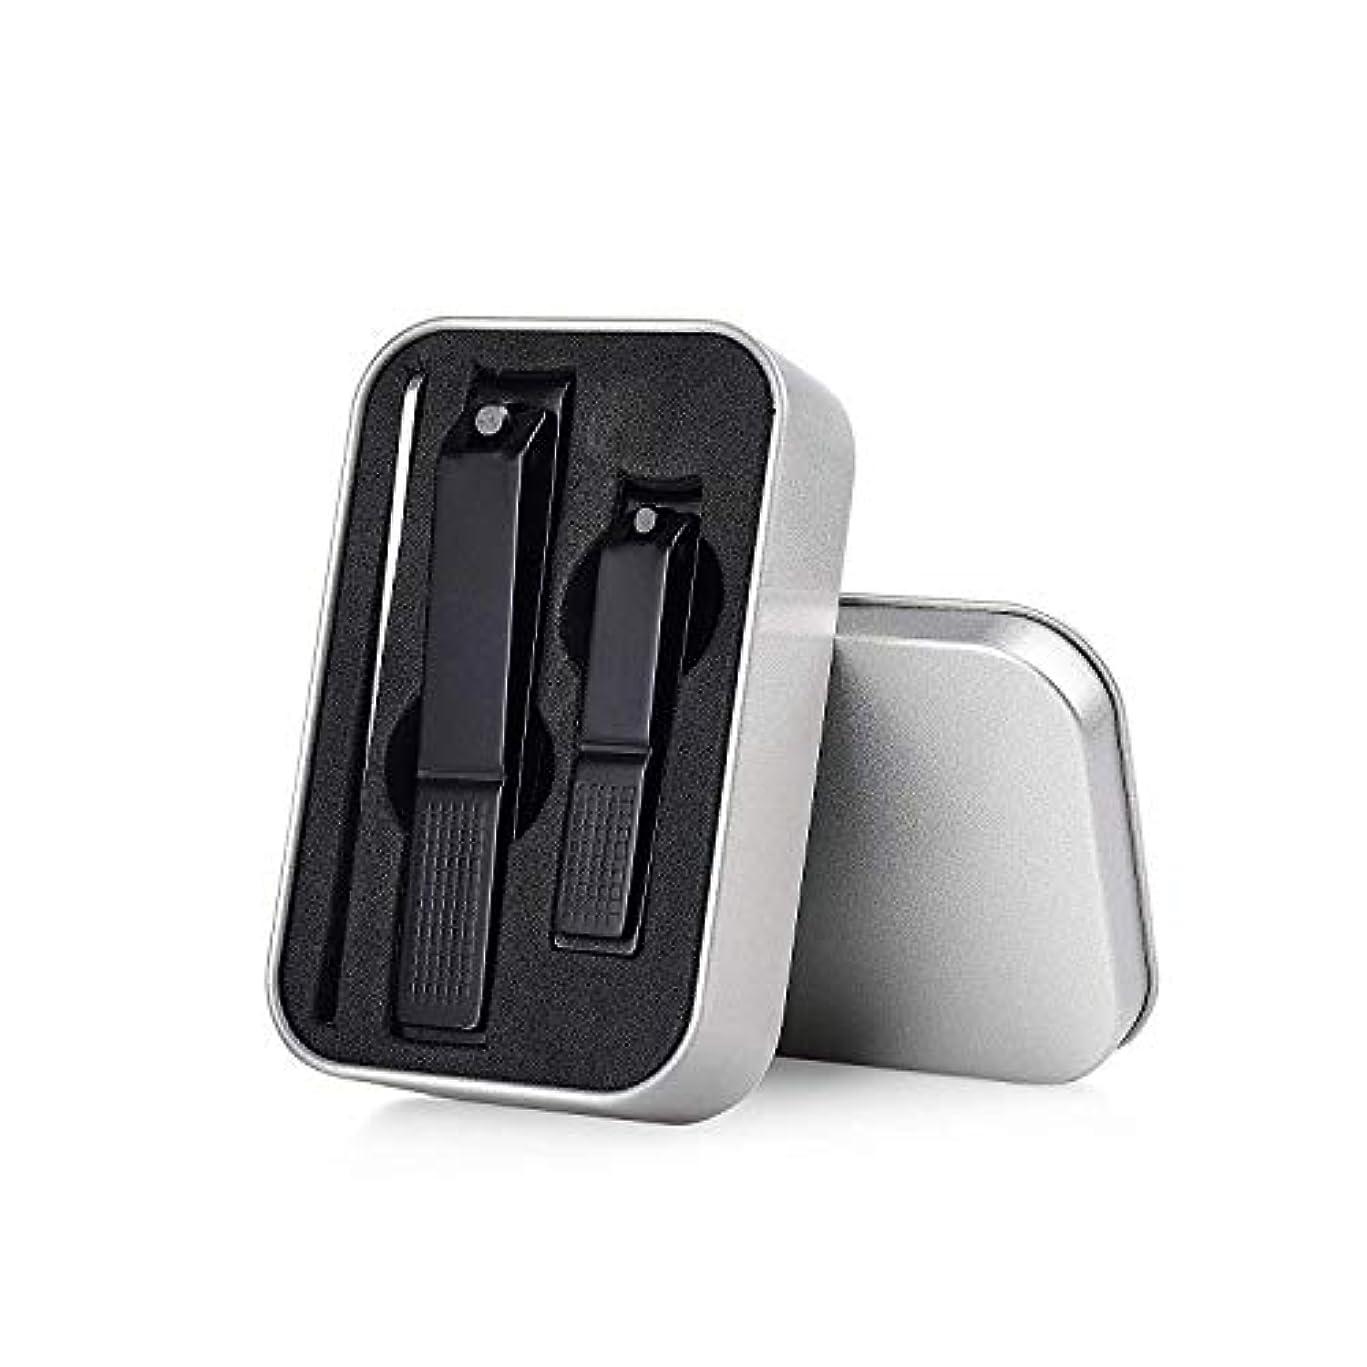 揺れる財団厳爪&爪+爪やすり(クリーナー)用3ピースネイルクリッパーキット(トラベルケース付き)-シャープネイルカッターセット、満足度100%返金保証